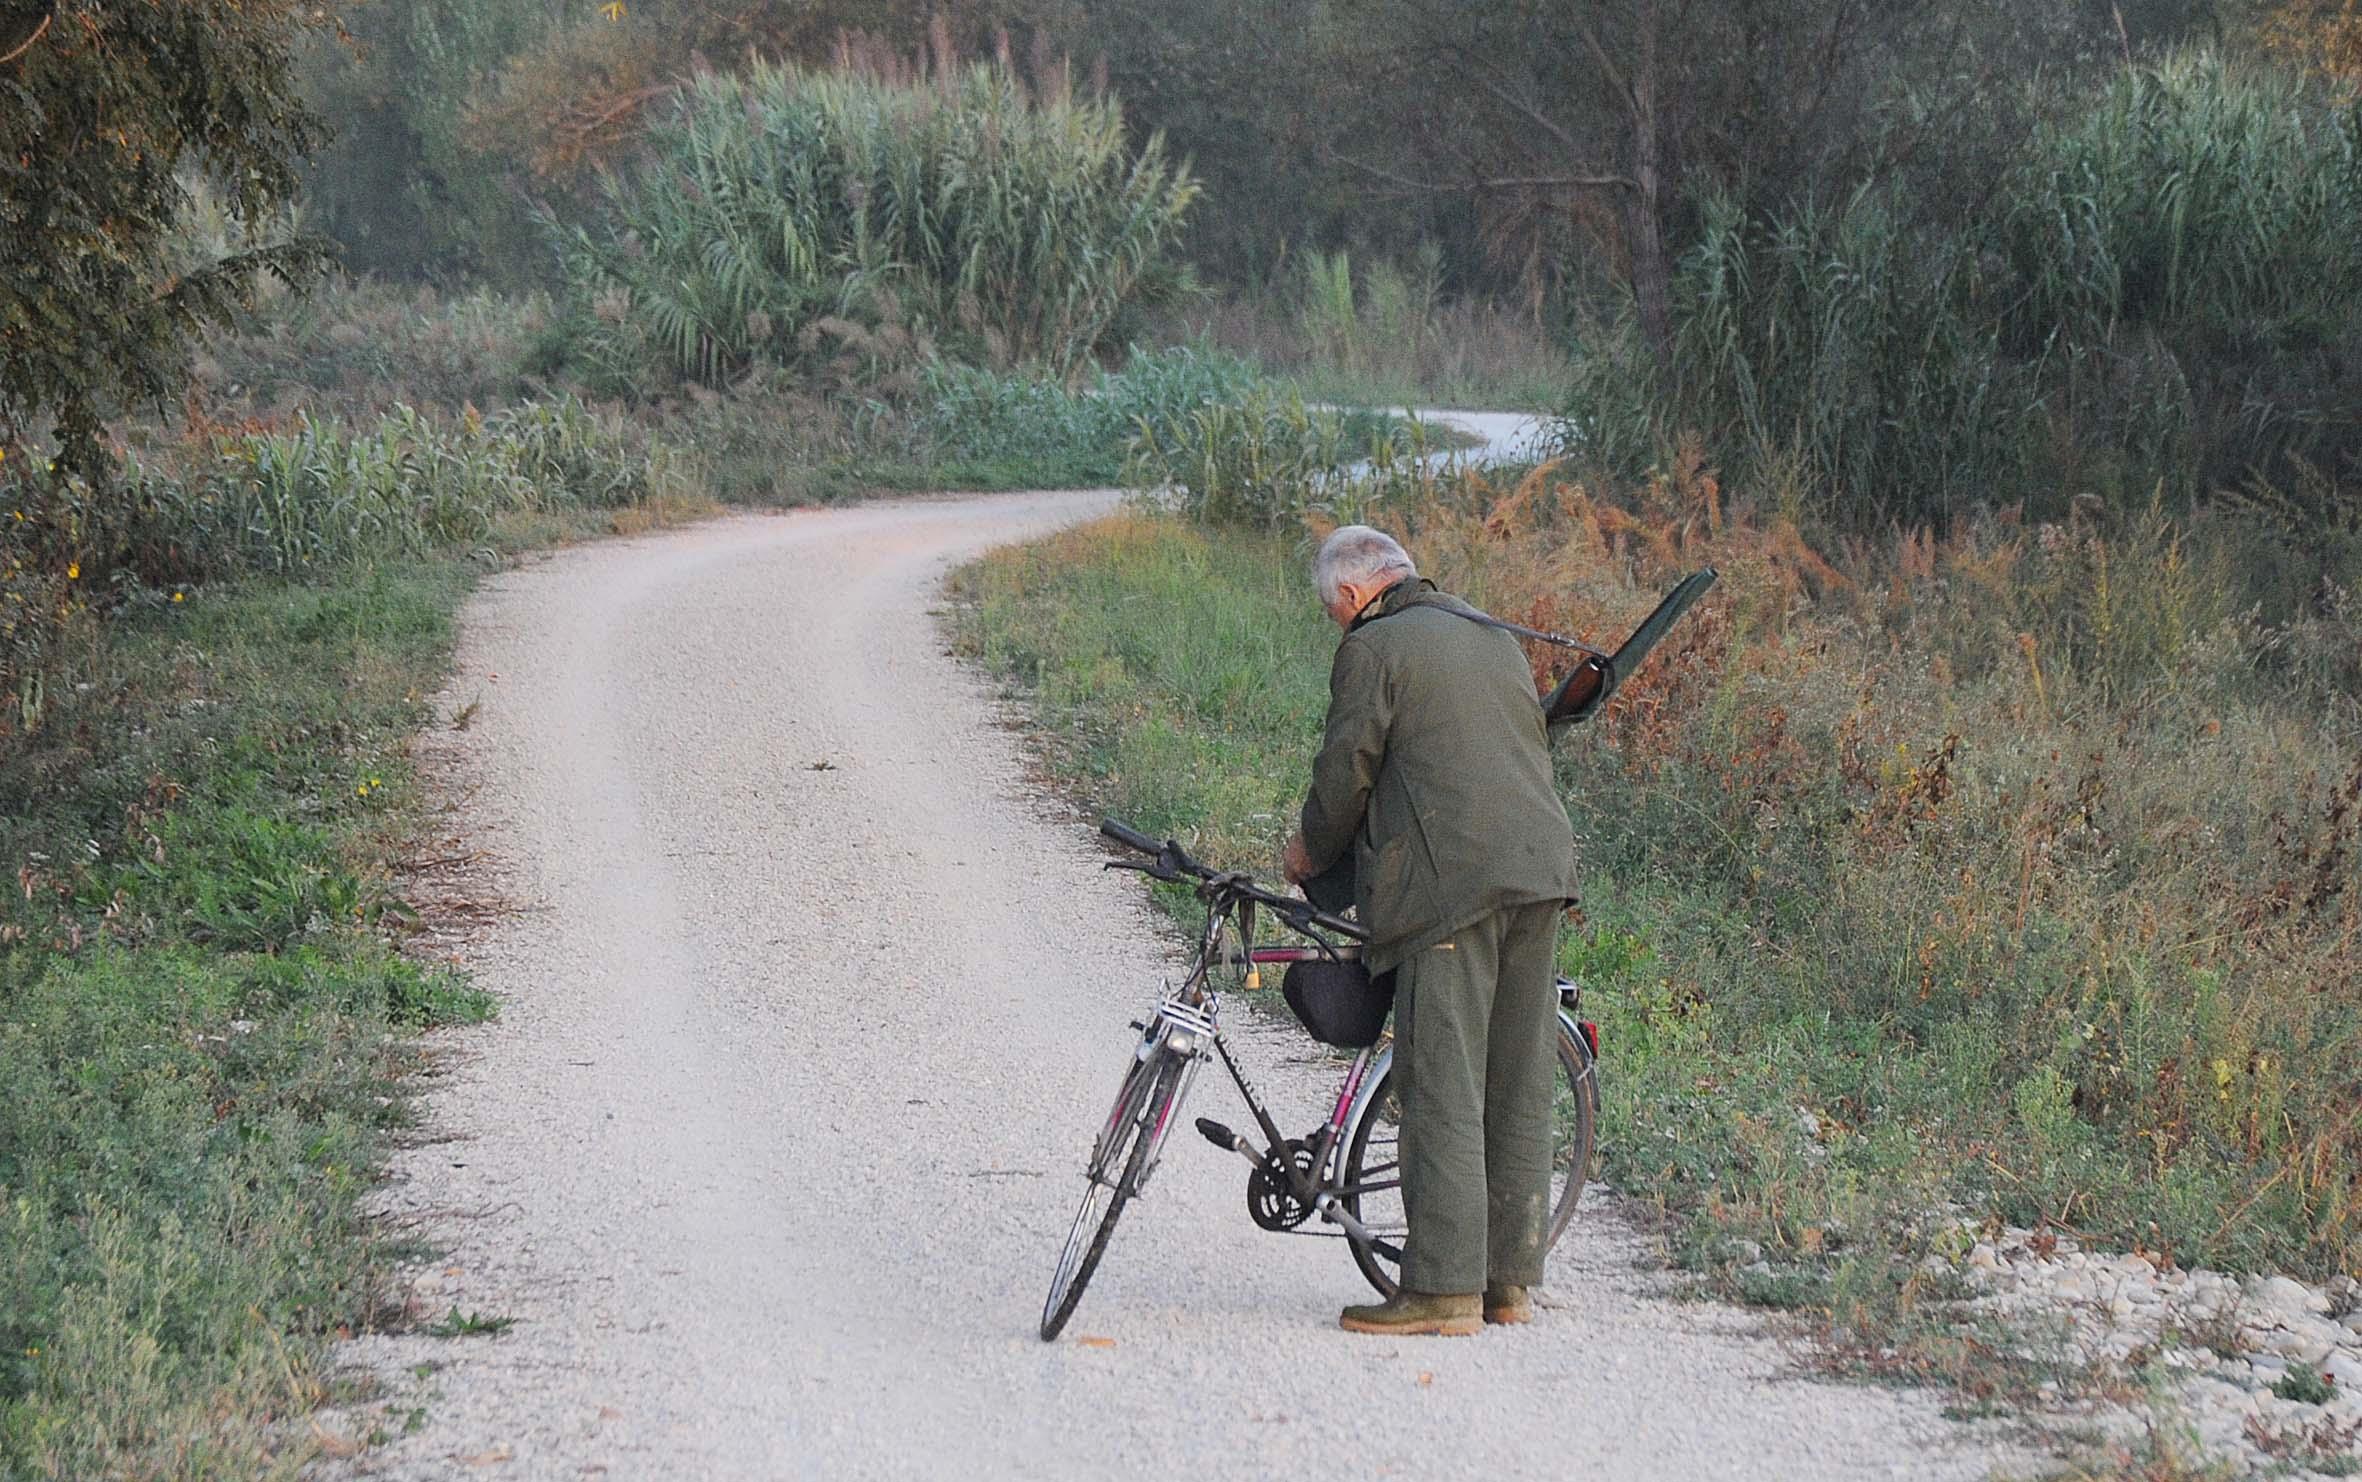 Rimini vieta la caccia lungo la pista ciclabile del Marecchia